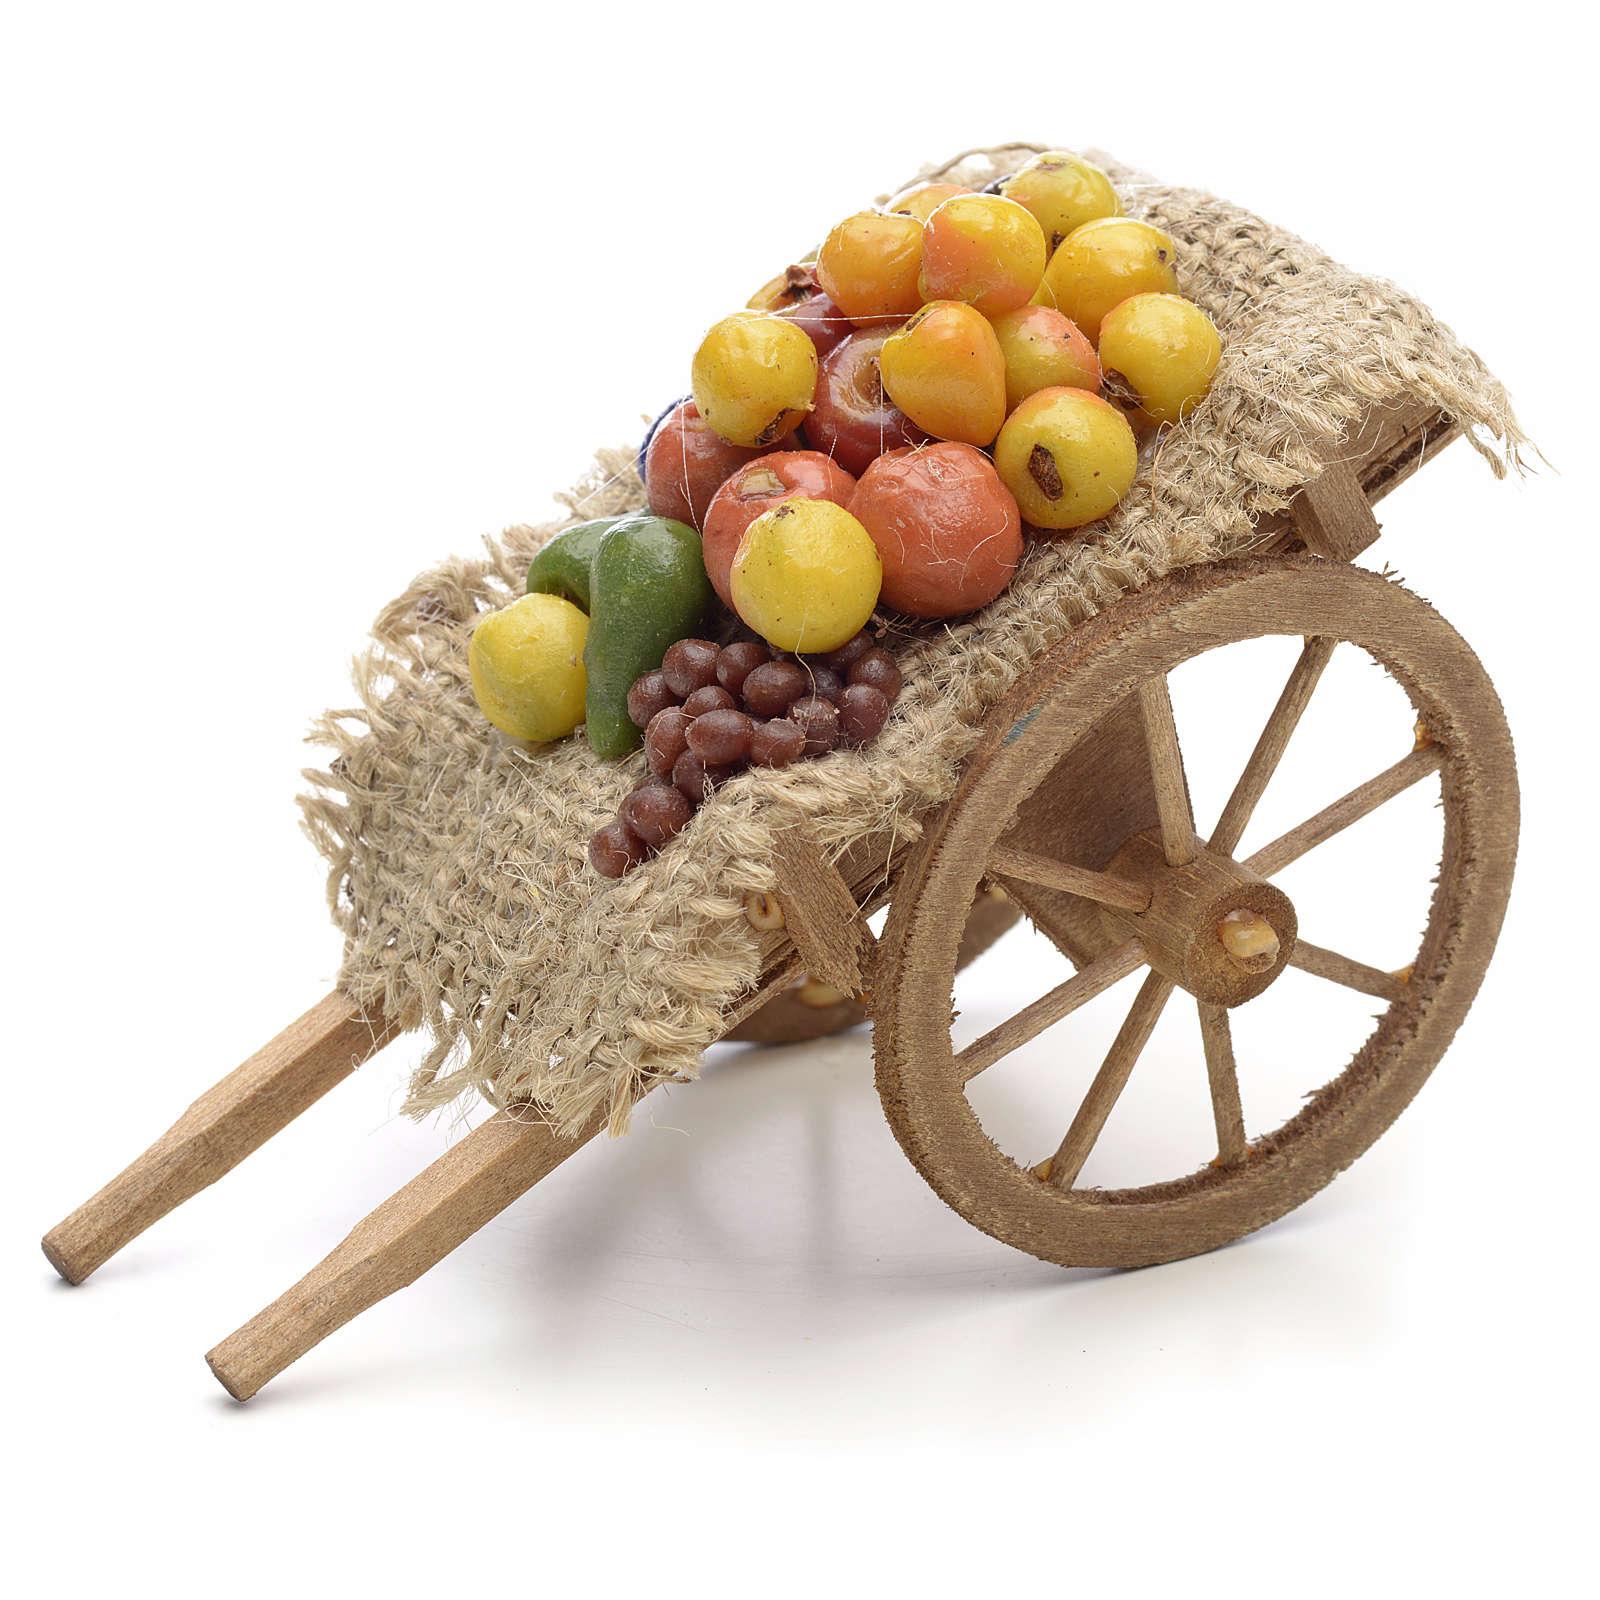 Carreta de frutas y verduras Pesebre Nápoles 4